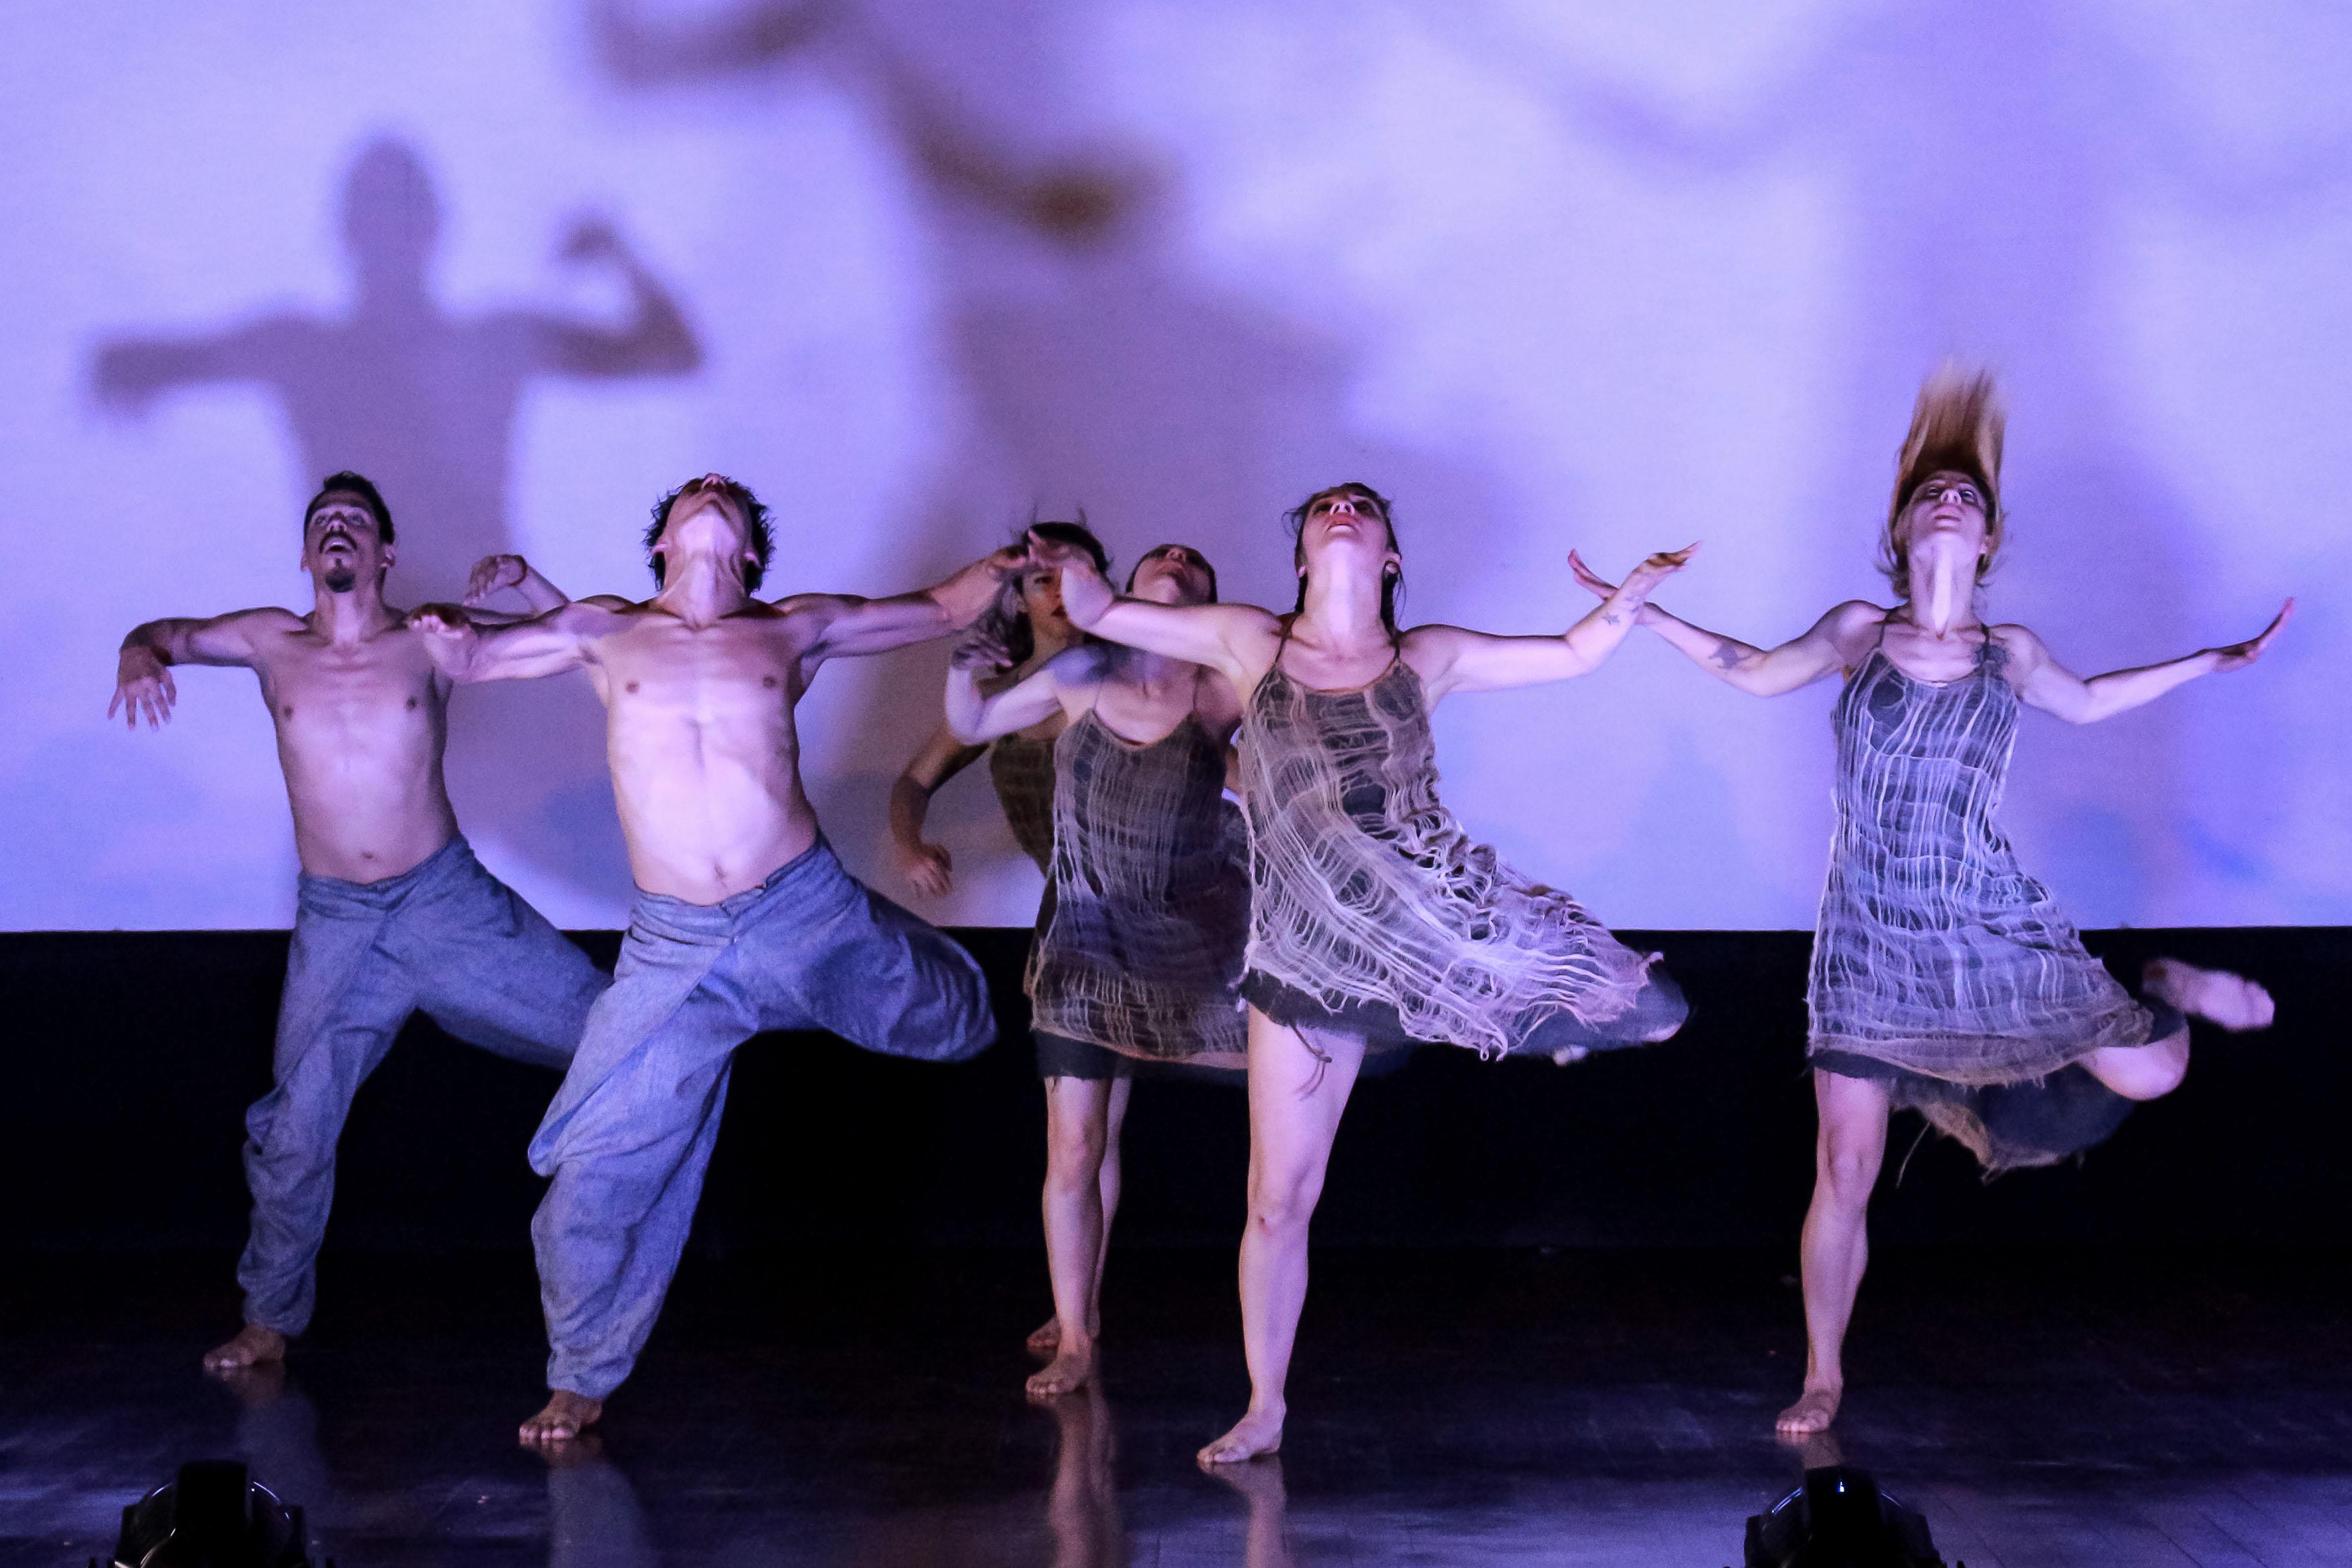 Estreno mundial de Mutare, el más reciente montaje coreográfico de la compañía Contempodanza, bajo la dirección conjunta de Cecilia Lugo, Margarita Garrido y Jorge Ronzón.